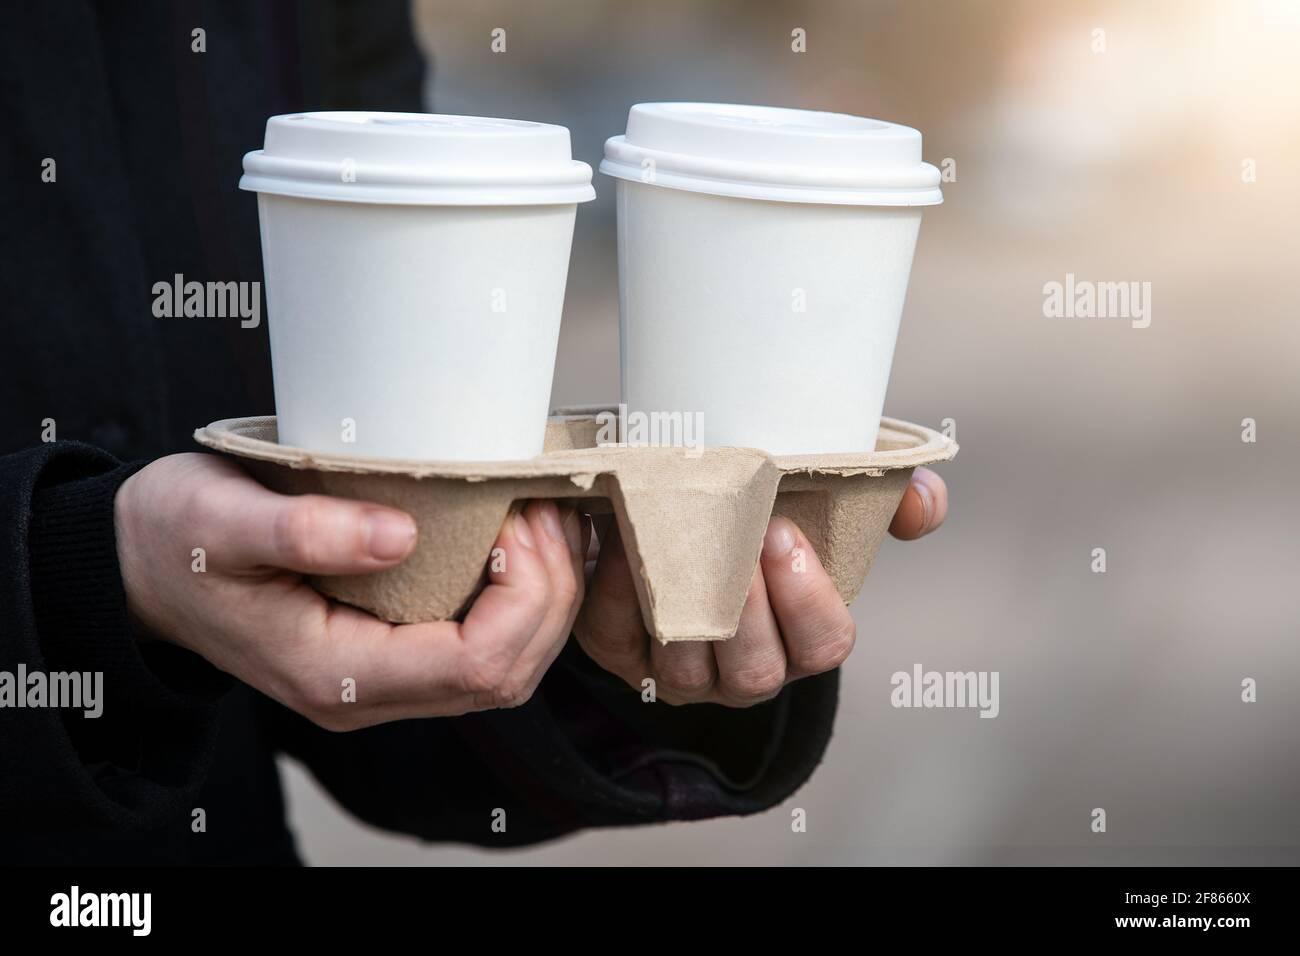 Pappbecher zum Mitnehmen. Am frühen Morgen, Frühstück und Beginn des Arbeitstages. Stockfoto